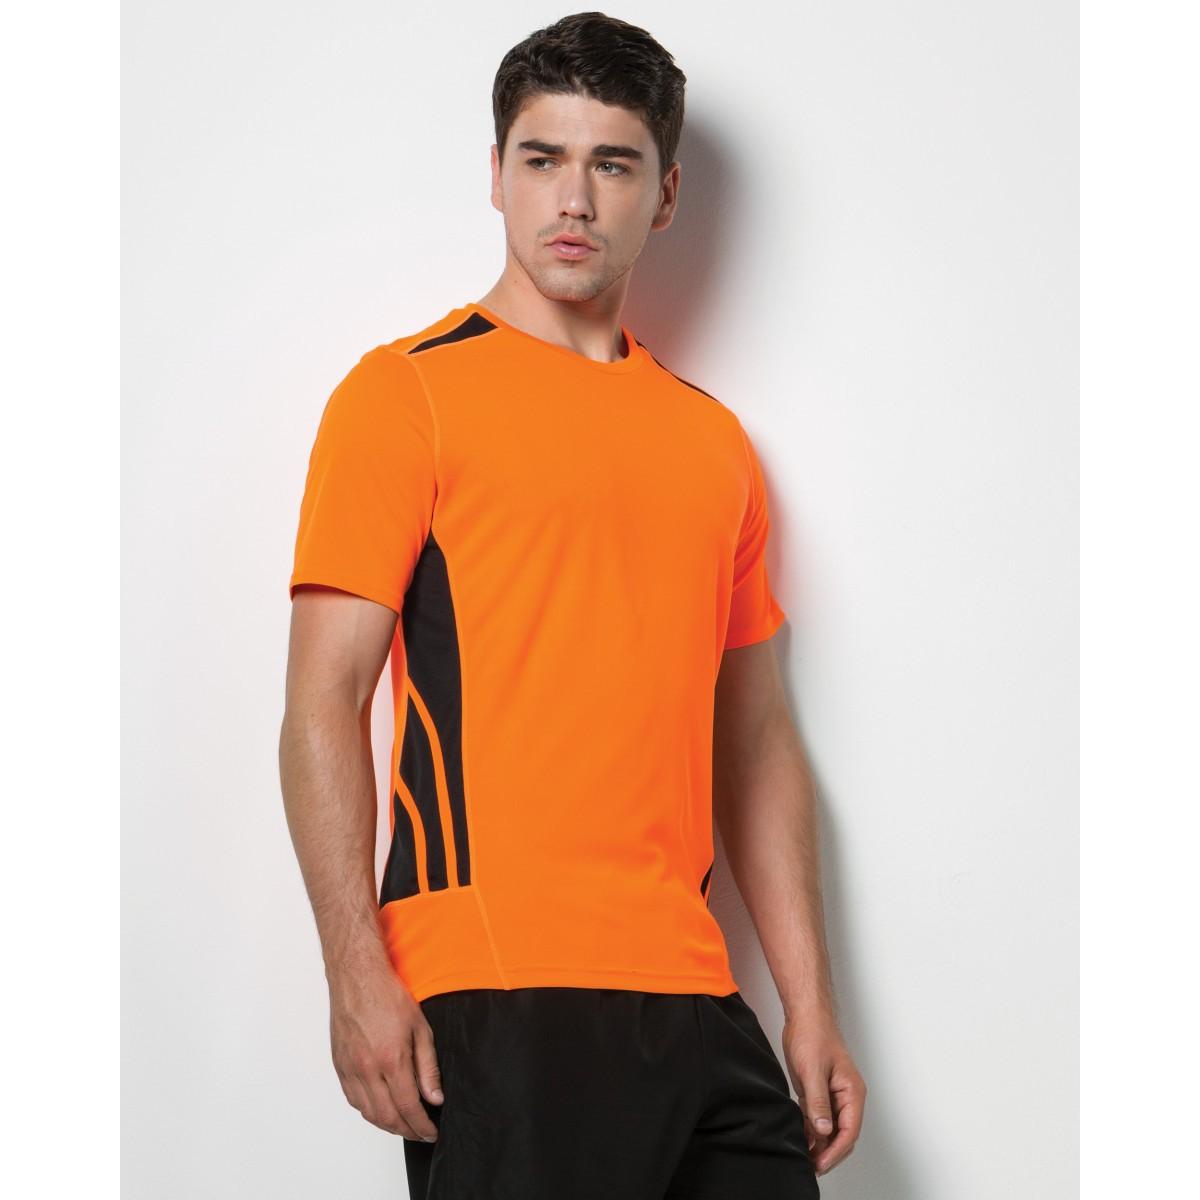 Design your own t shirt belfast - Gamegear Men S Cooltex Training T Shirt